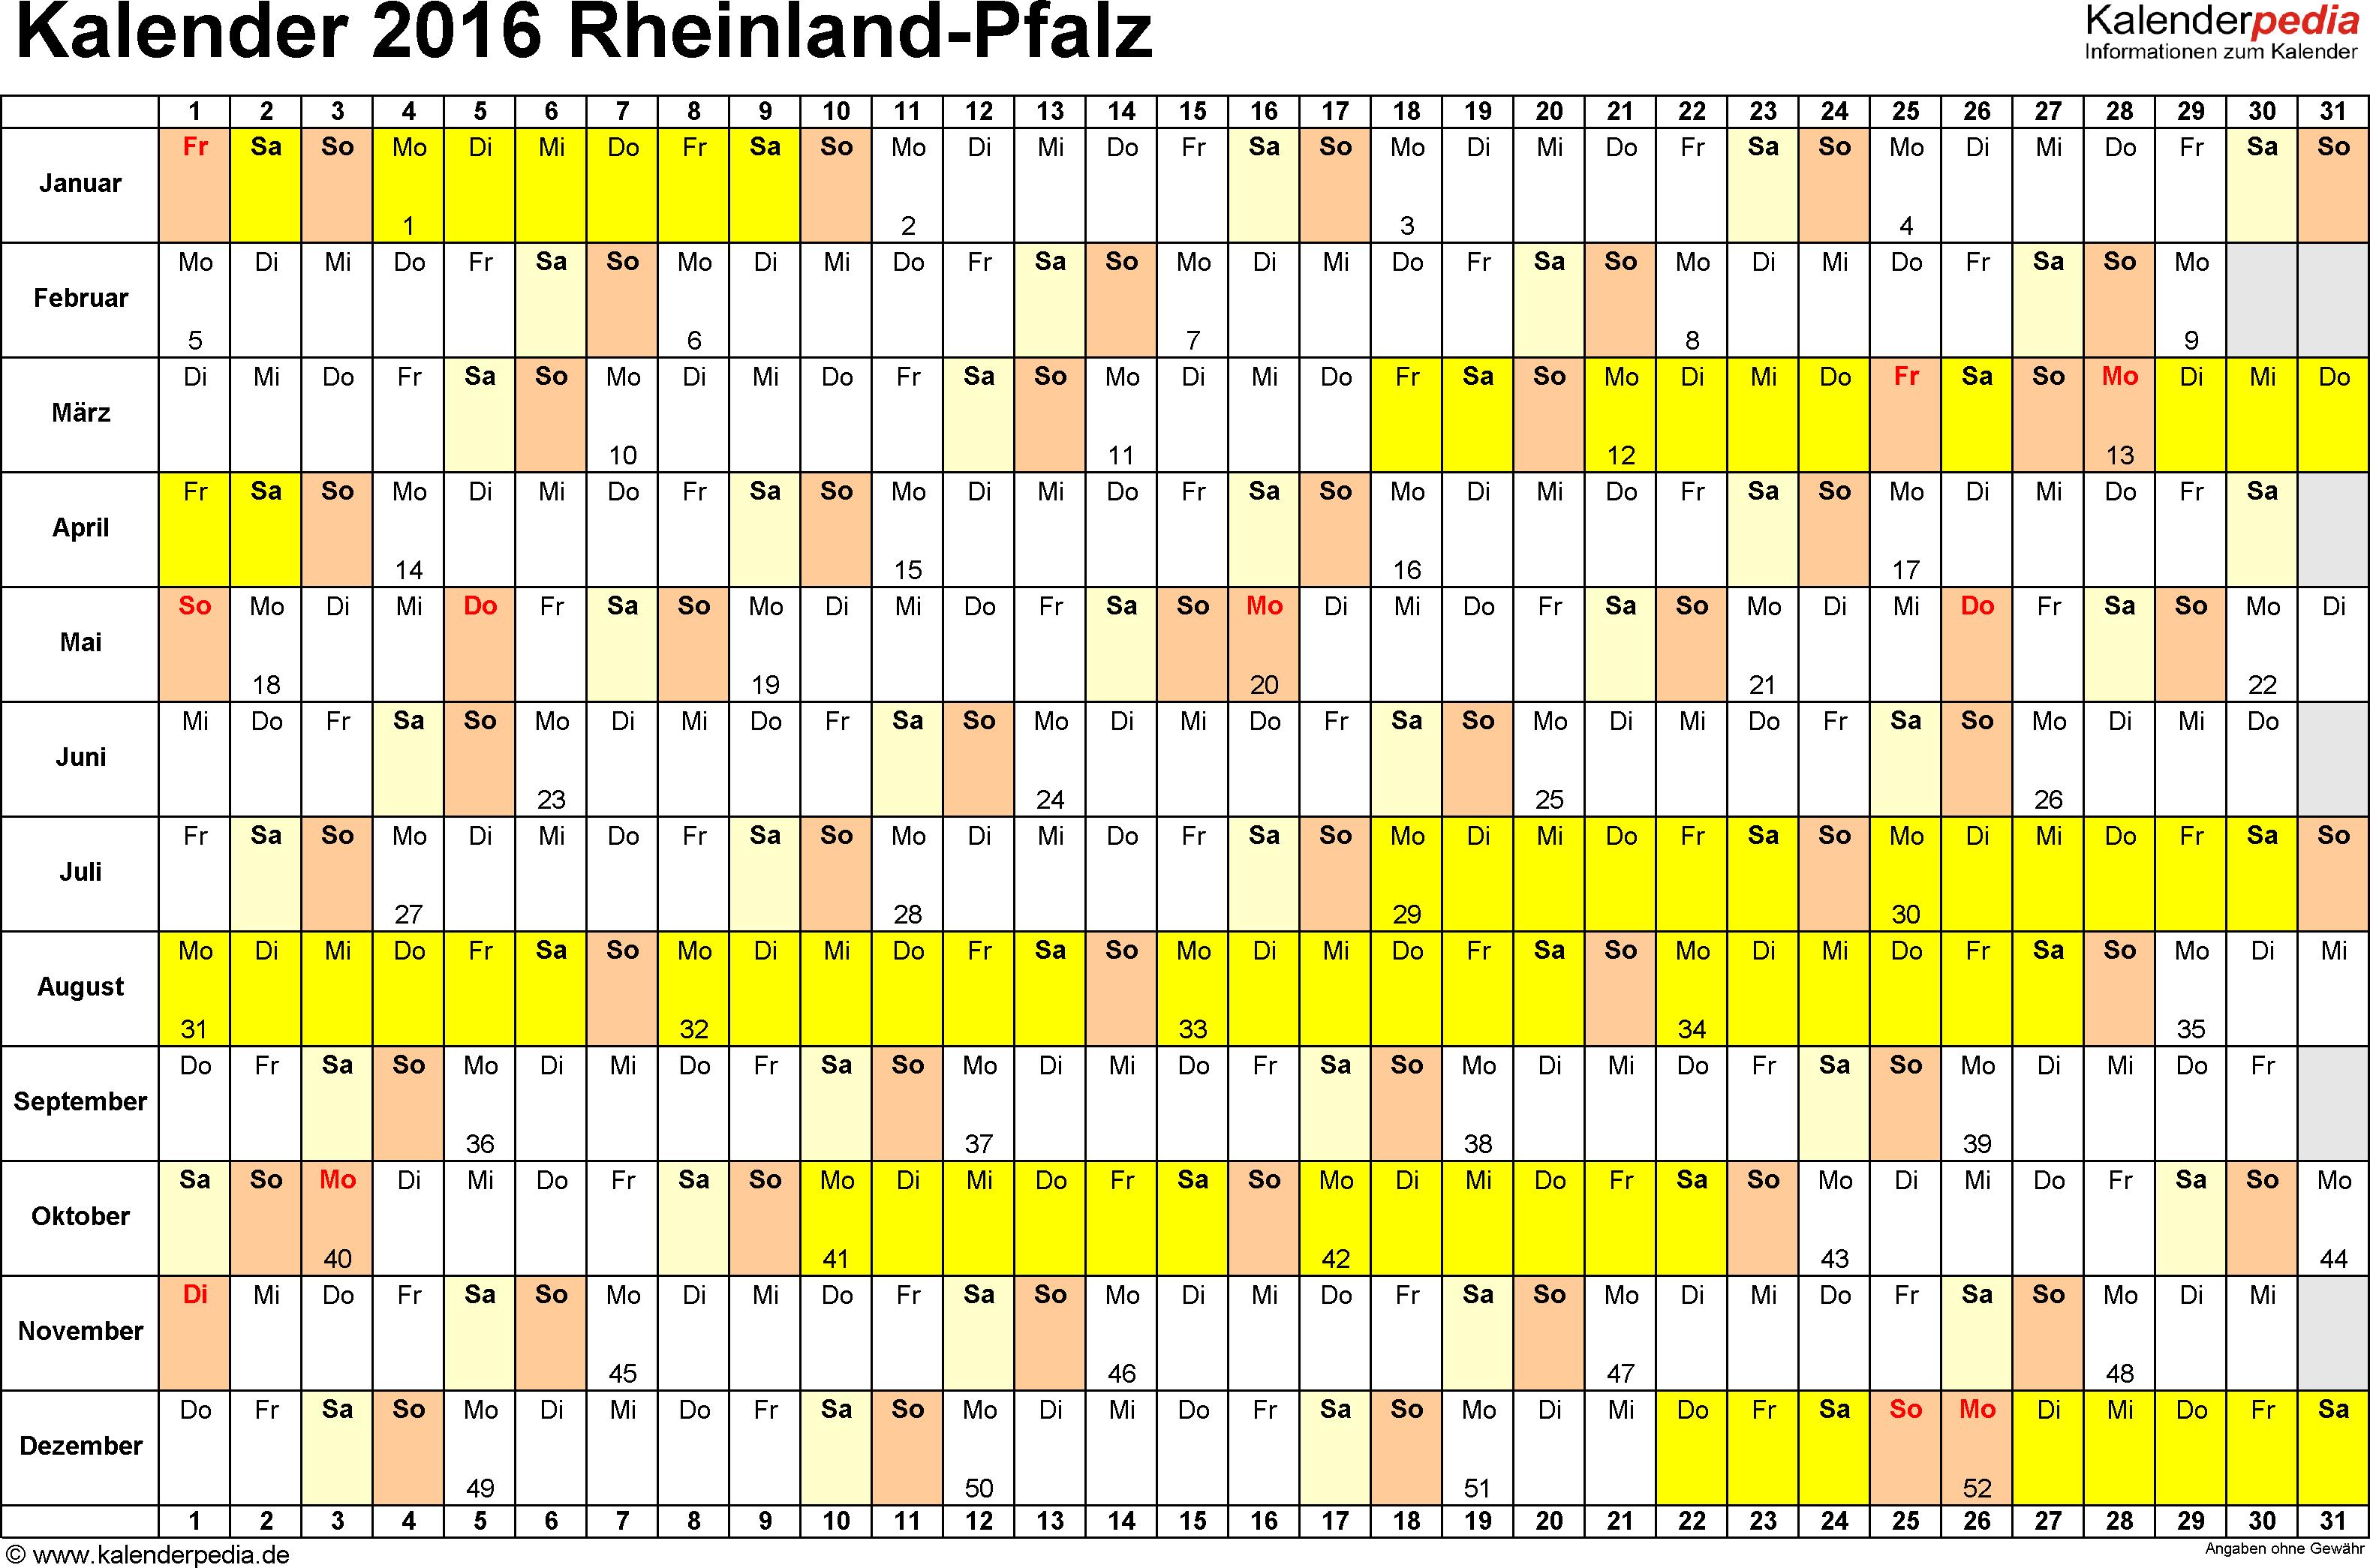 Vorlage 3: Kalender Rheinland-Pfalz 2016 im Querformat, Tage nebeneinander